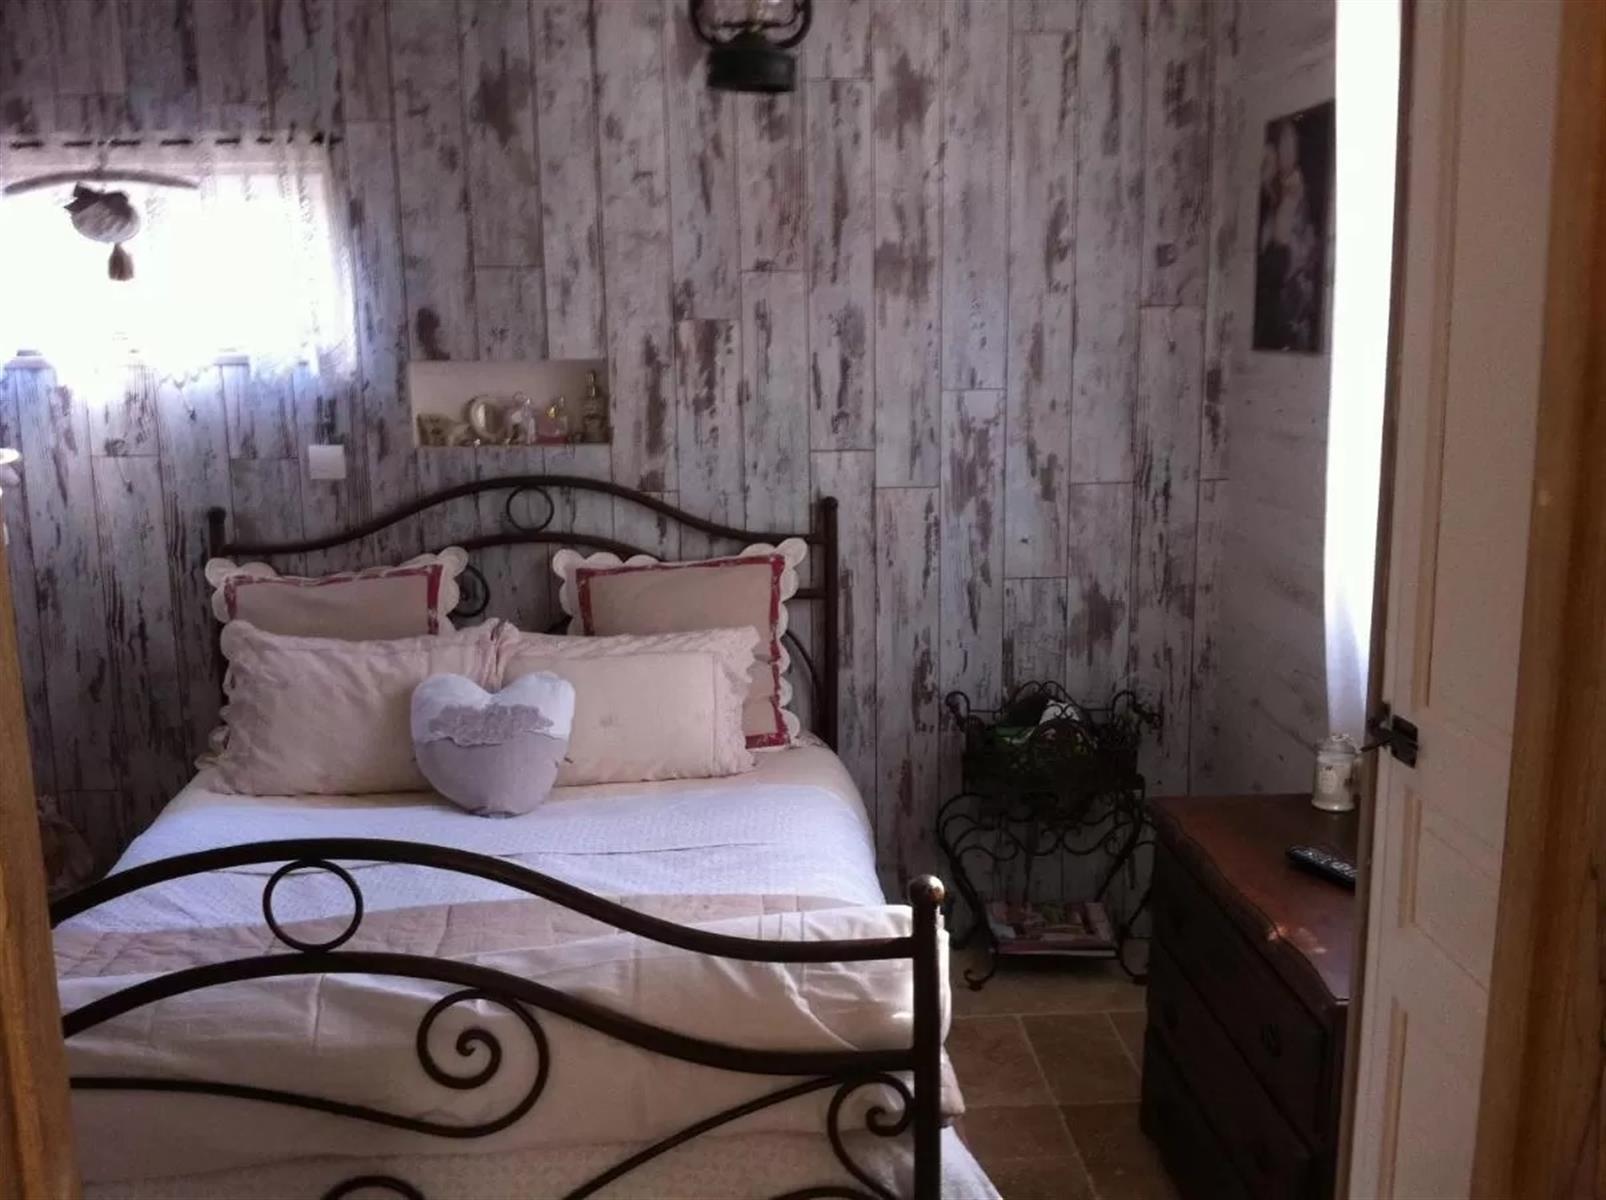 Maison de vacances - Callas - #4288981-6